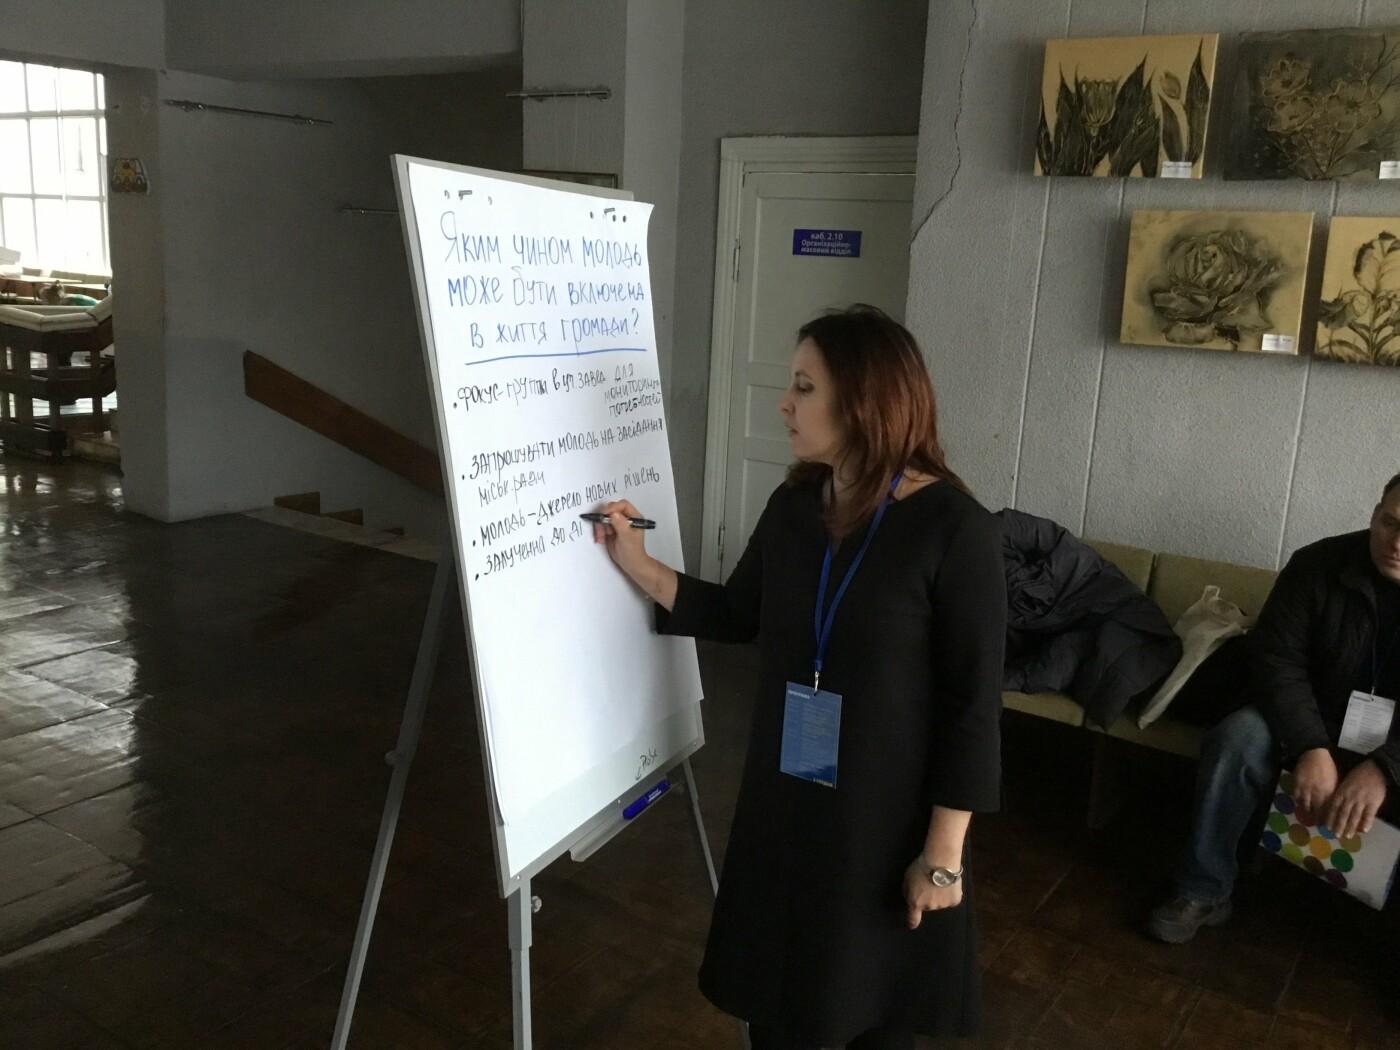 Дружківка: На Форумі місцевого розвитку пройшли плідні дискусії про майбутнє міста та громади (ФОТО), фото-6